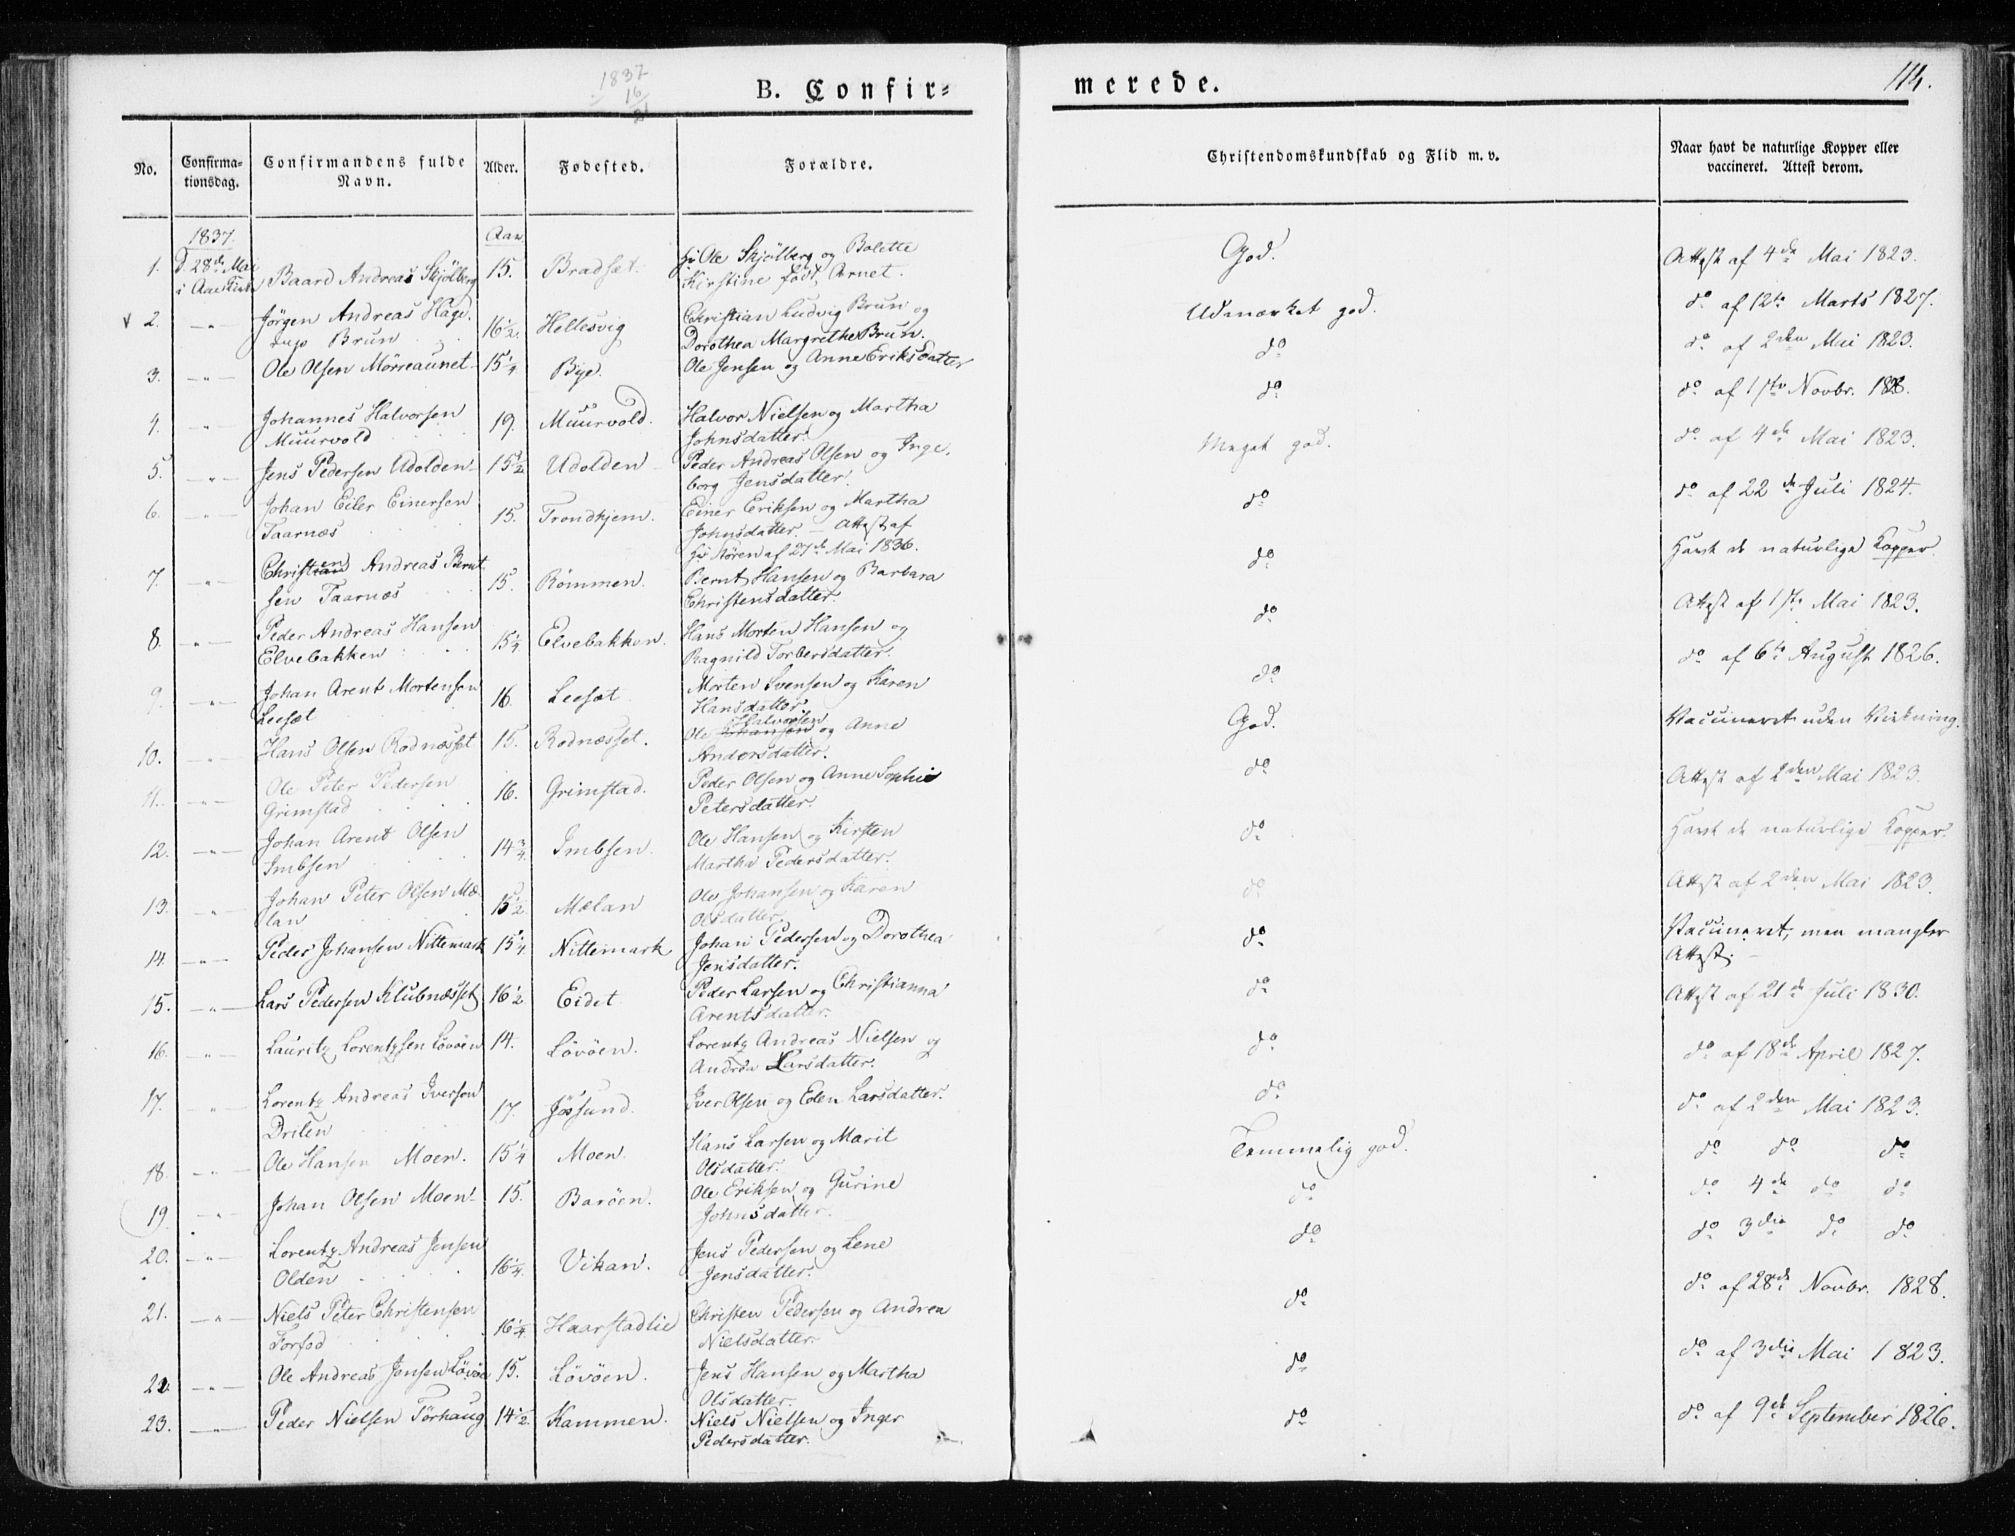 SAT, Ministerialprotokoller, klokkerbøker og fødselsregistre - Sør-Trøndelag, 655/L0676: Ministerialbok nr. 655A05, 1830-1847, s. 114